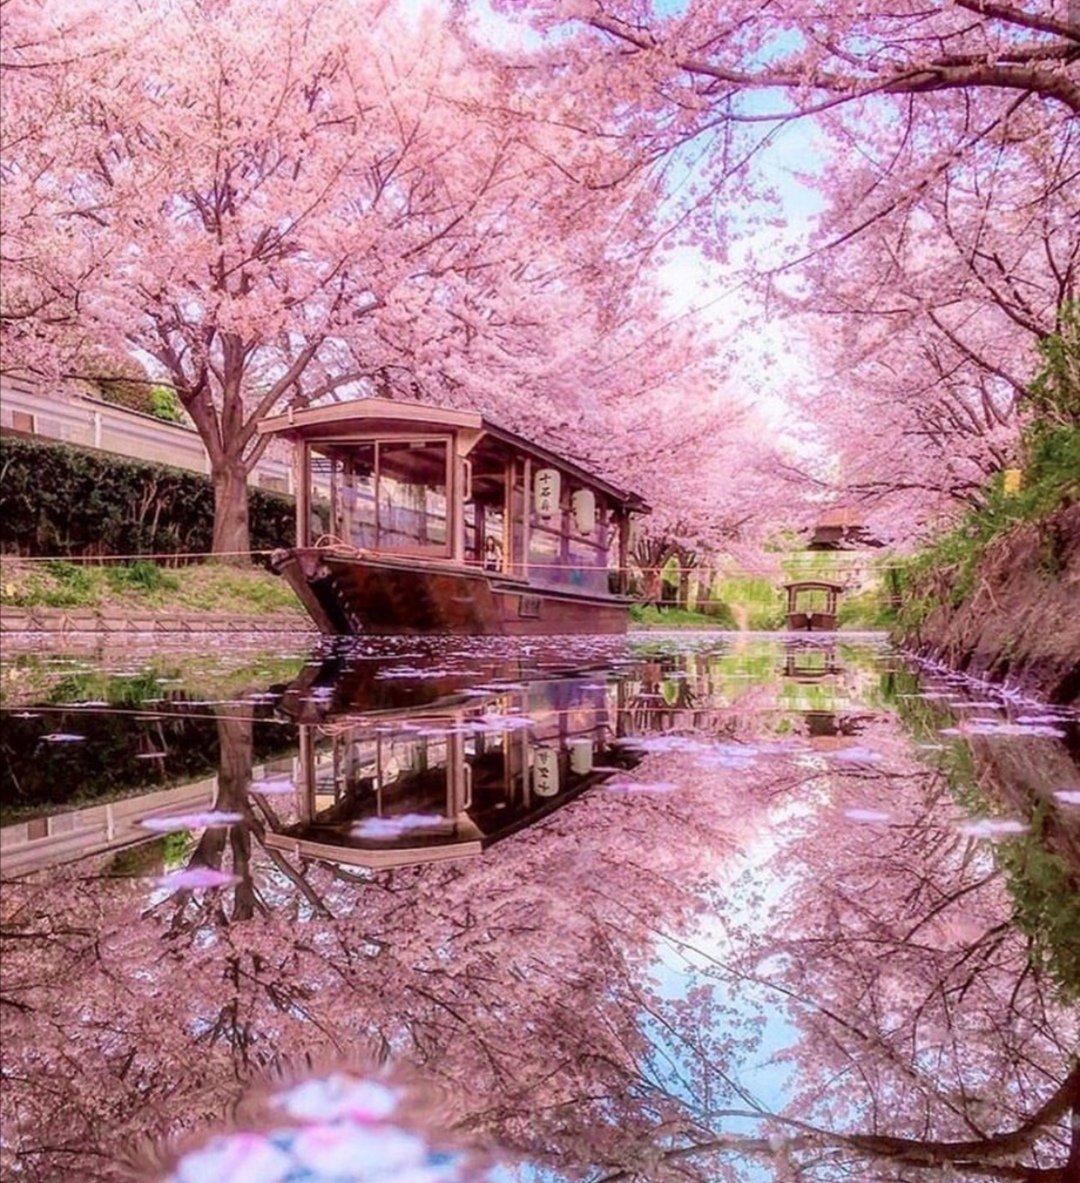 Cherry blossoms #SAKURA #Japan pic.twitter.com/GMESZgsXGu